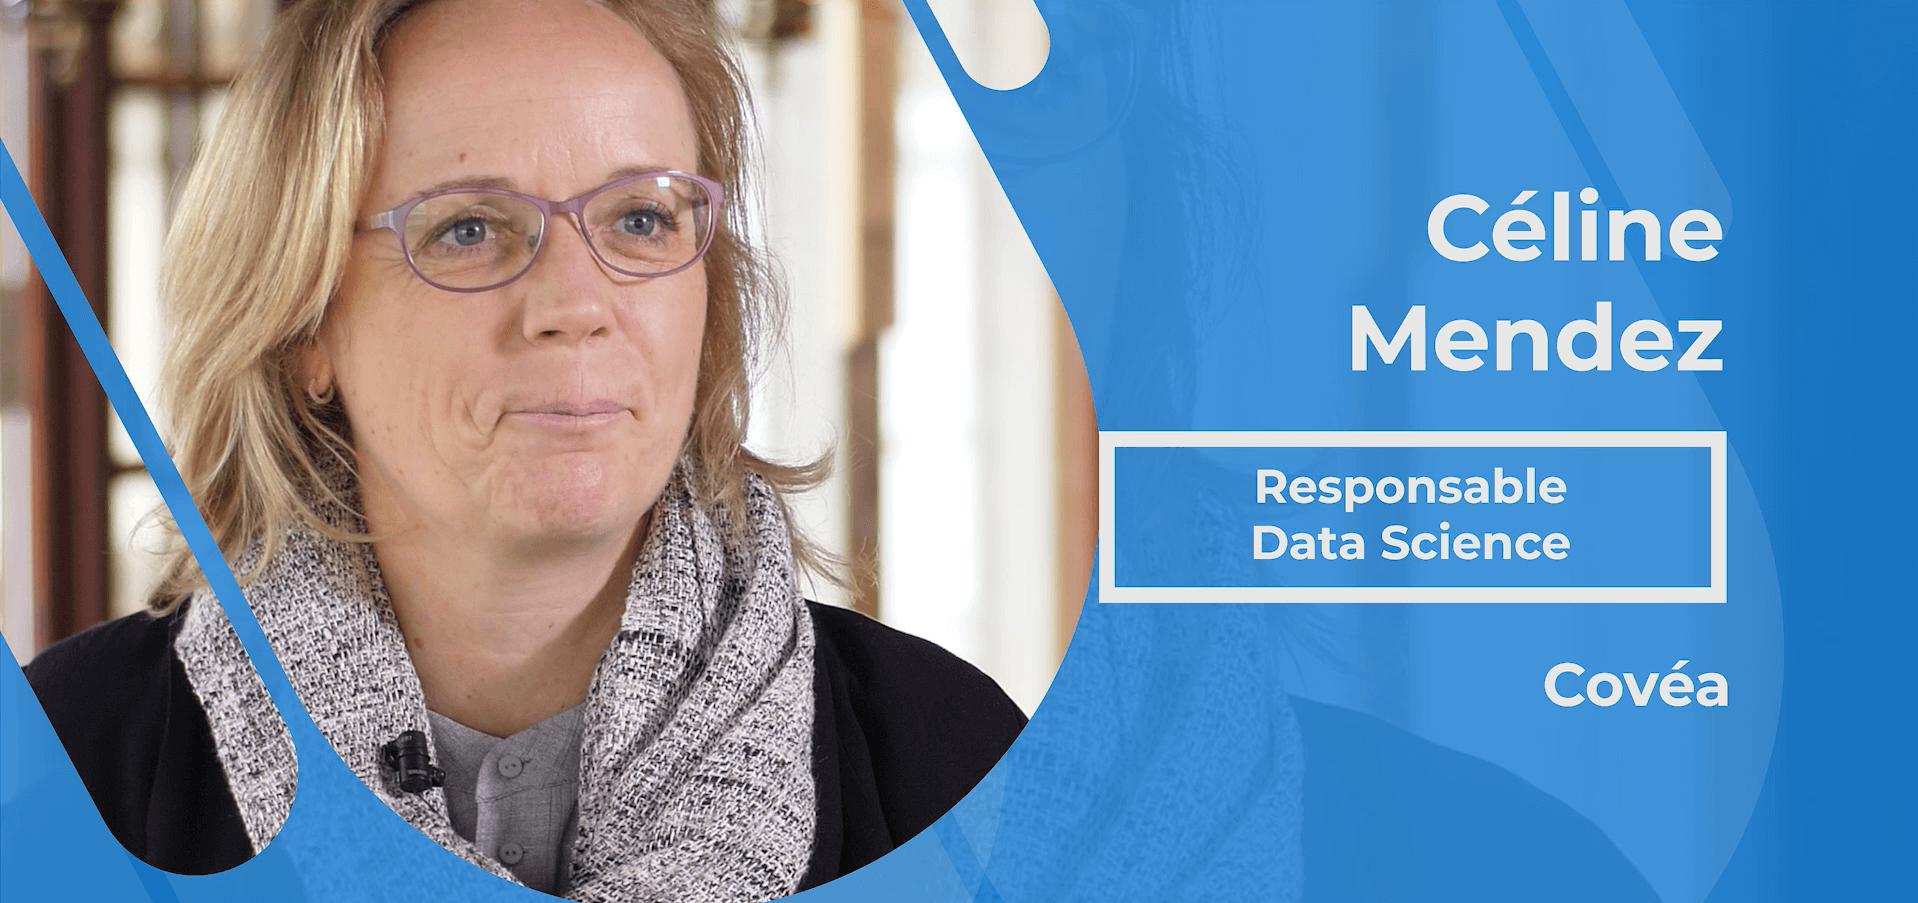 Actualités : Interview Céline Mendez - Responsable Data Science chez Covéa